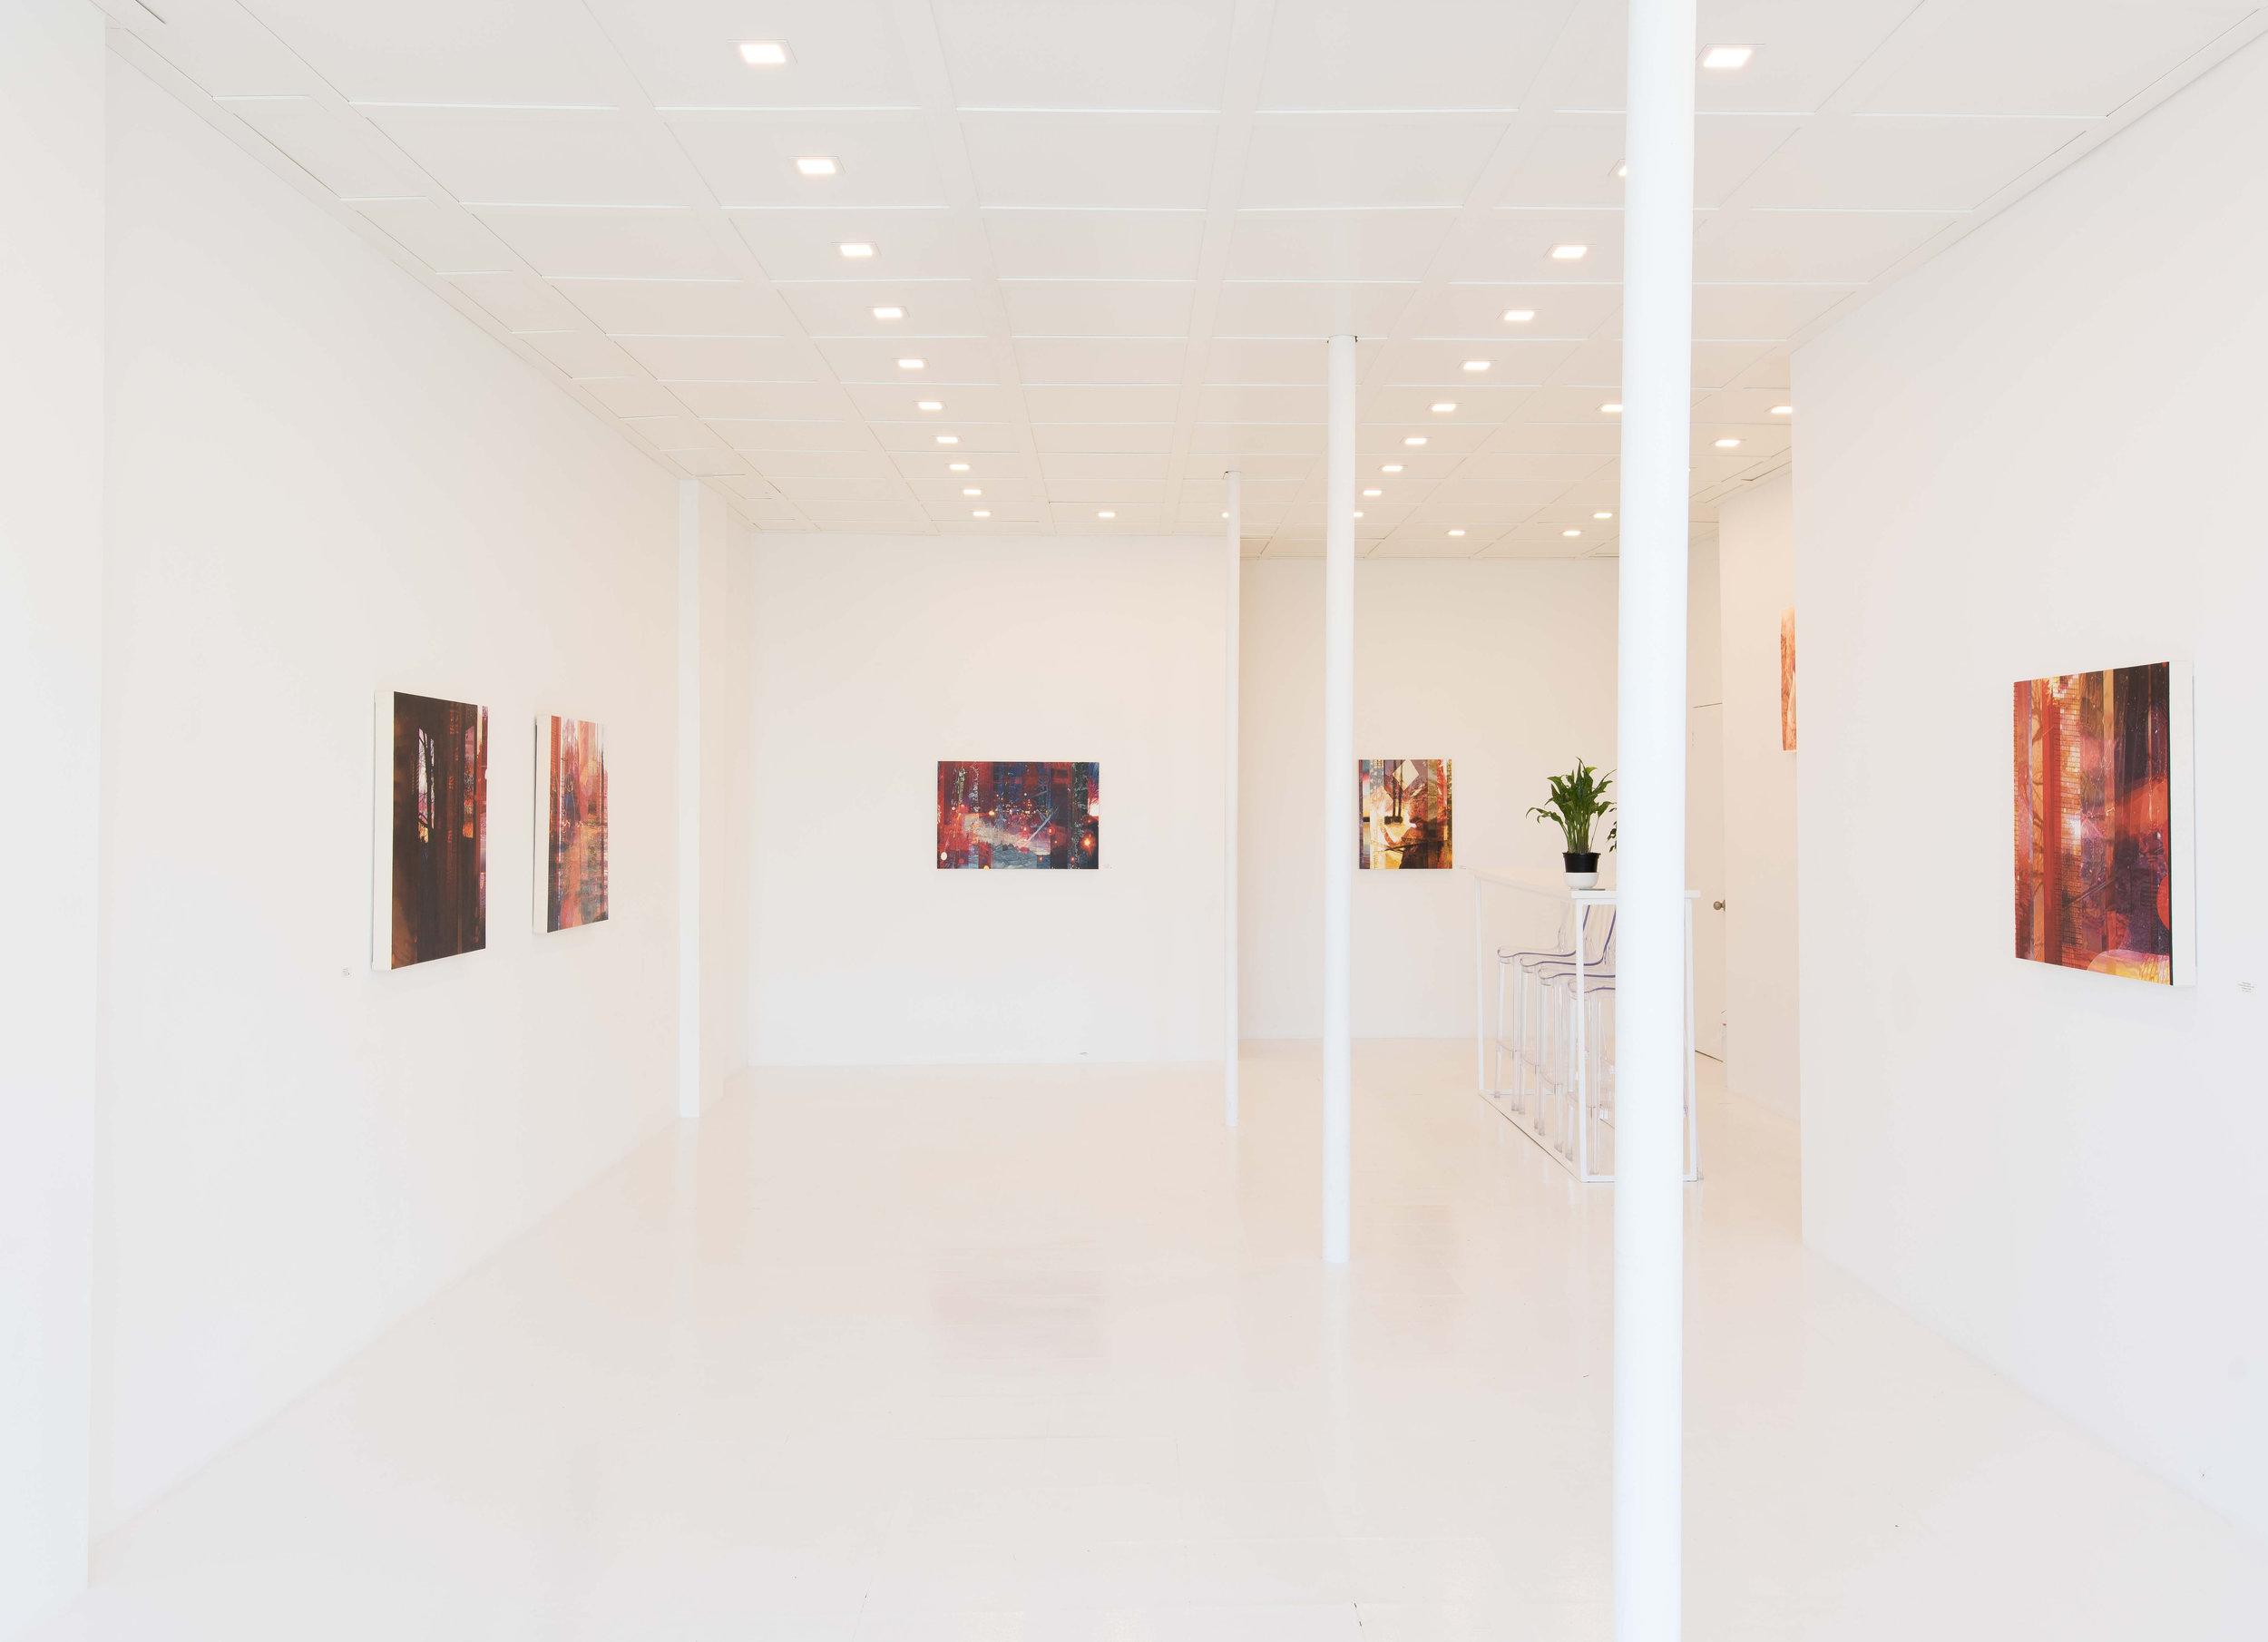 Vue de l'exposition  Ma chambre noire , 2018, Rock Lamothe - Art Contemporain, Crédit photo: Donald Trépanier